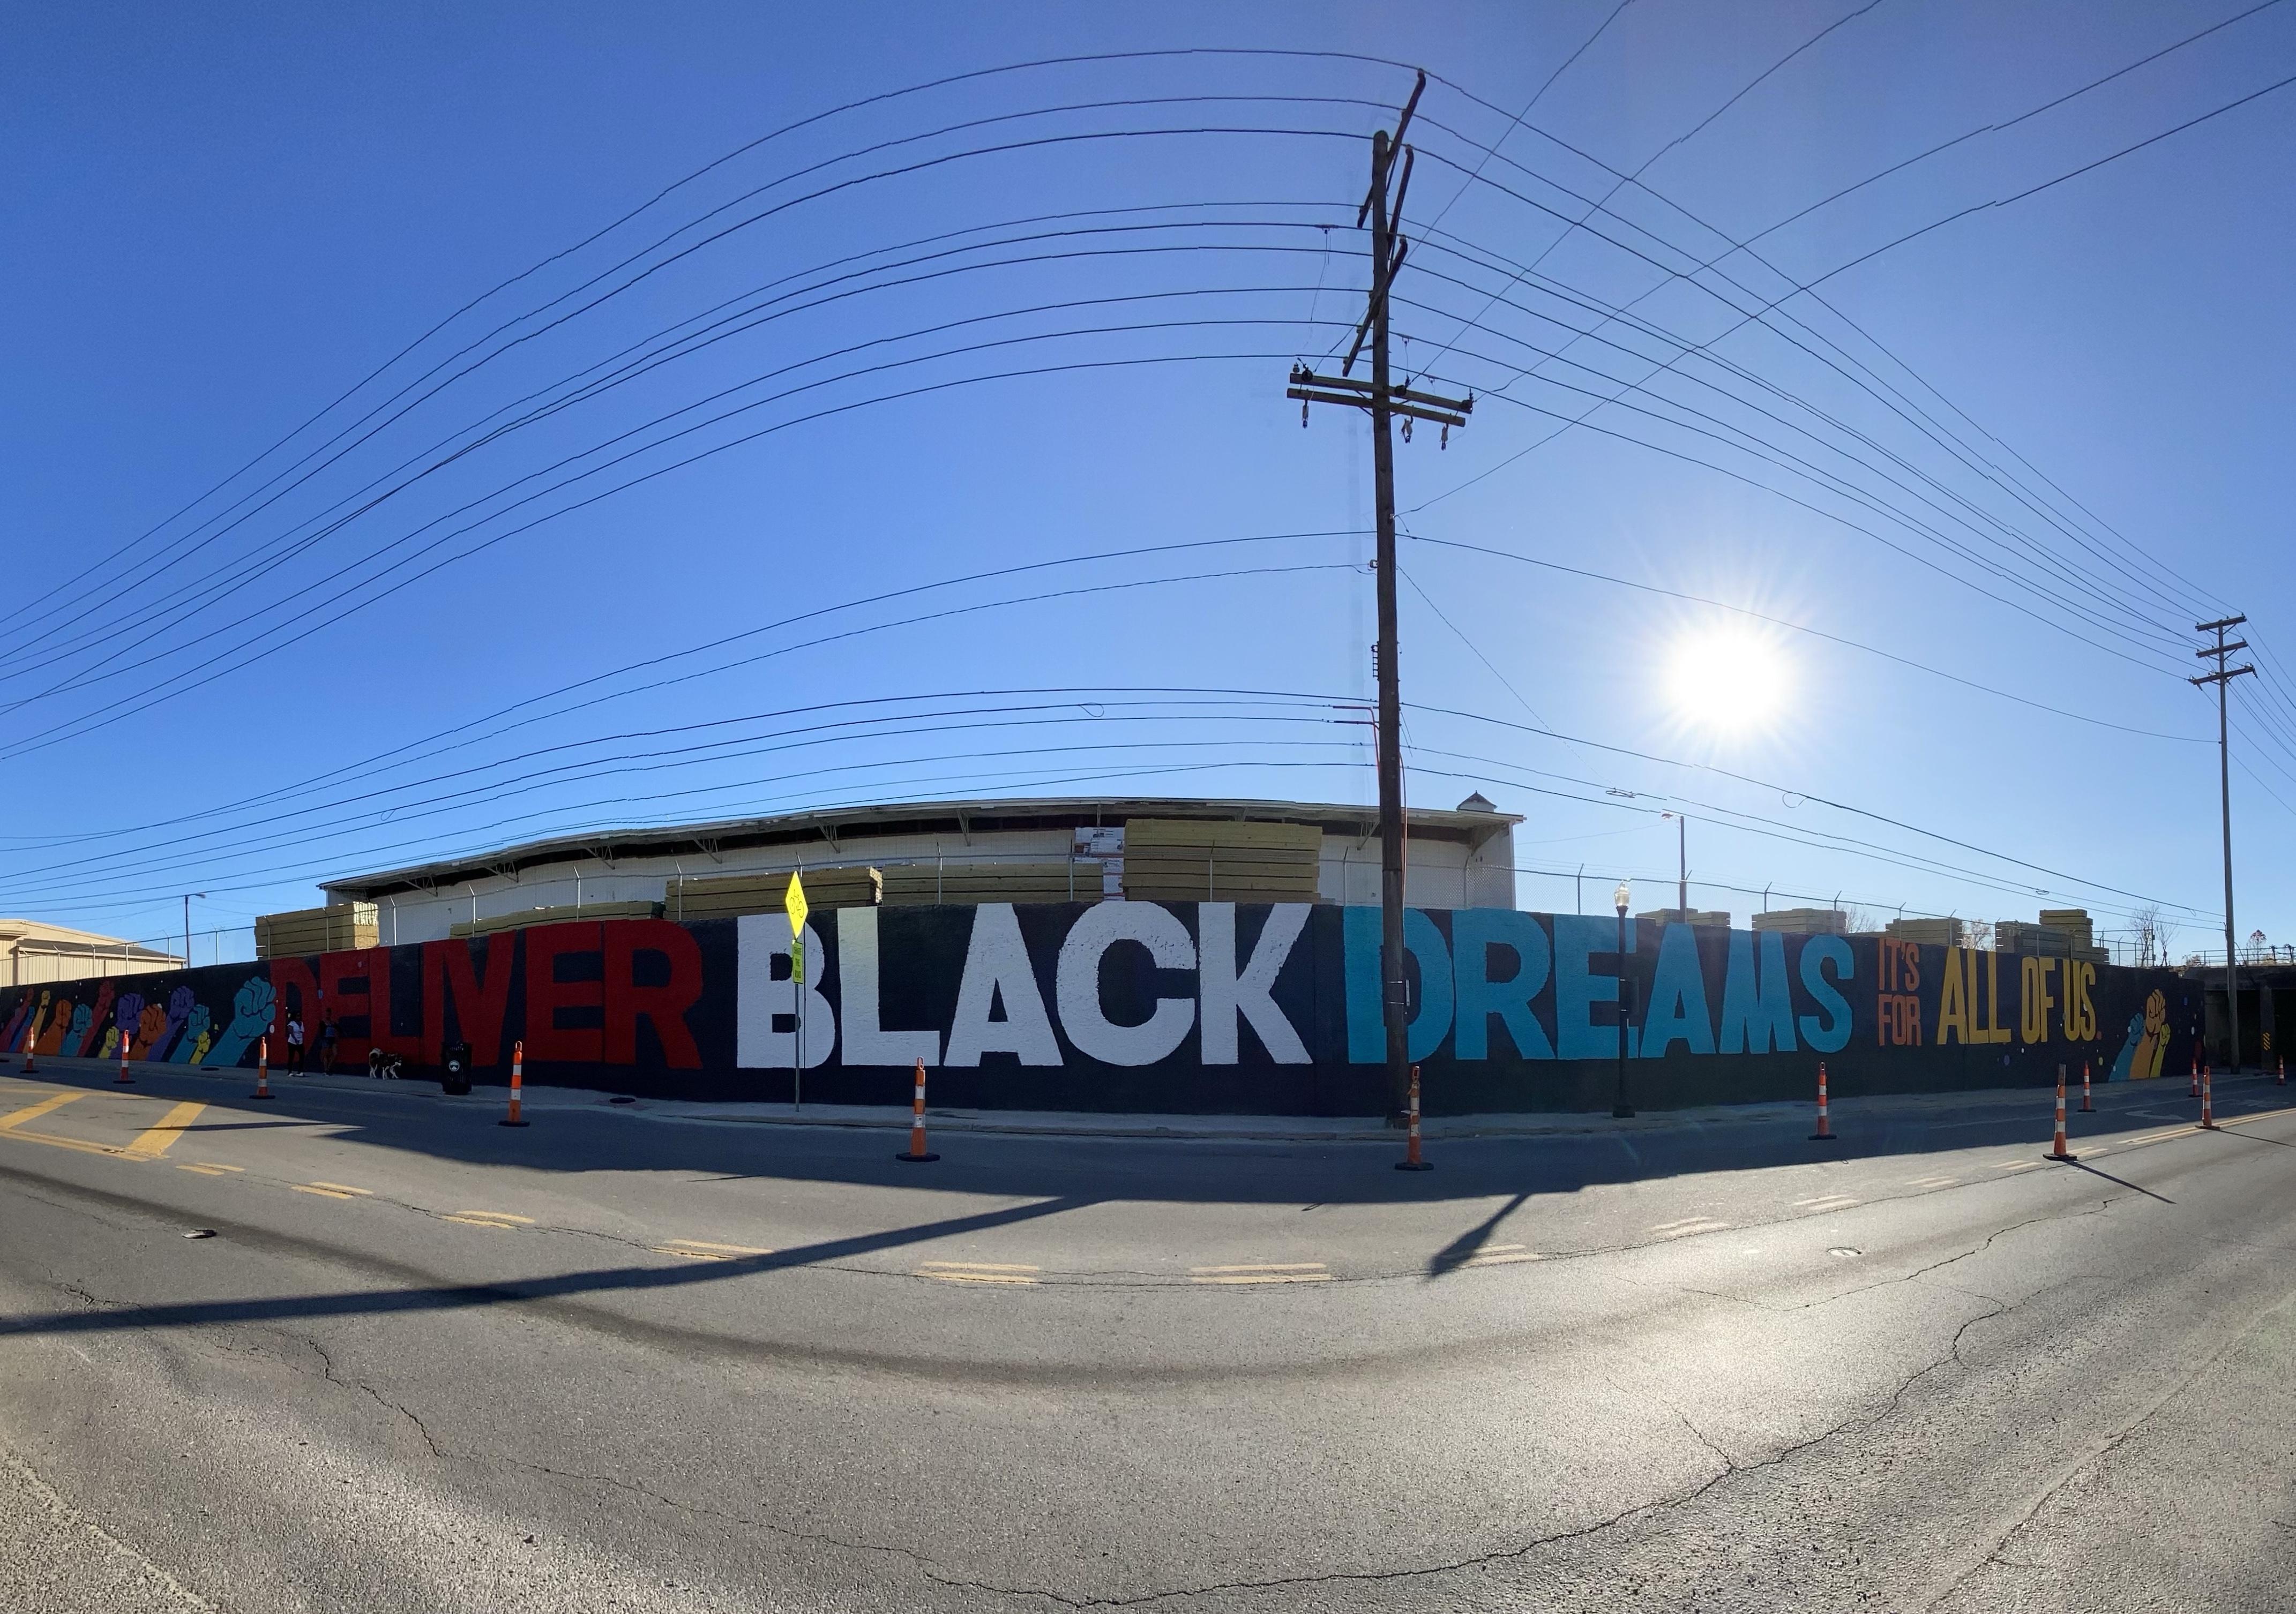 Deliver Black Dreams